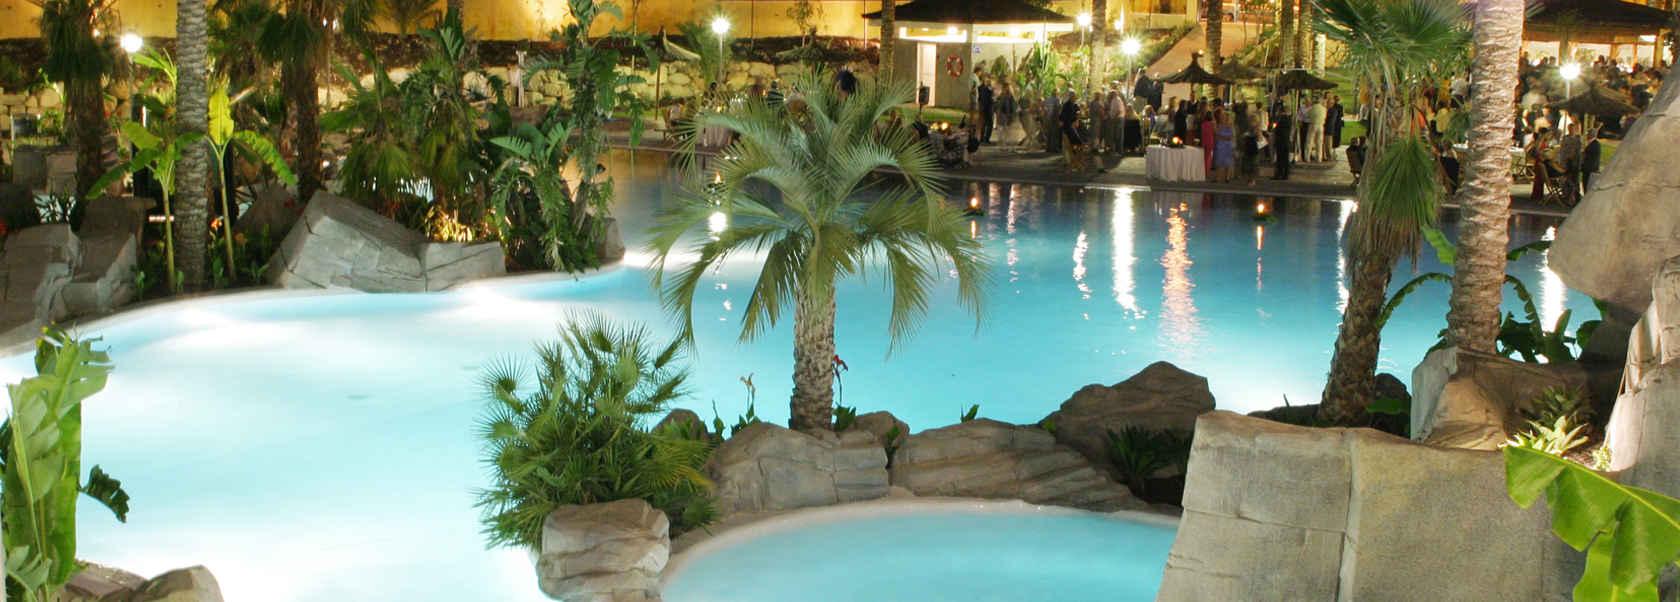 Piscinas pool jard n construcci n de piscinas en valencia for Piscina jardin valencia